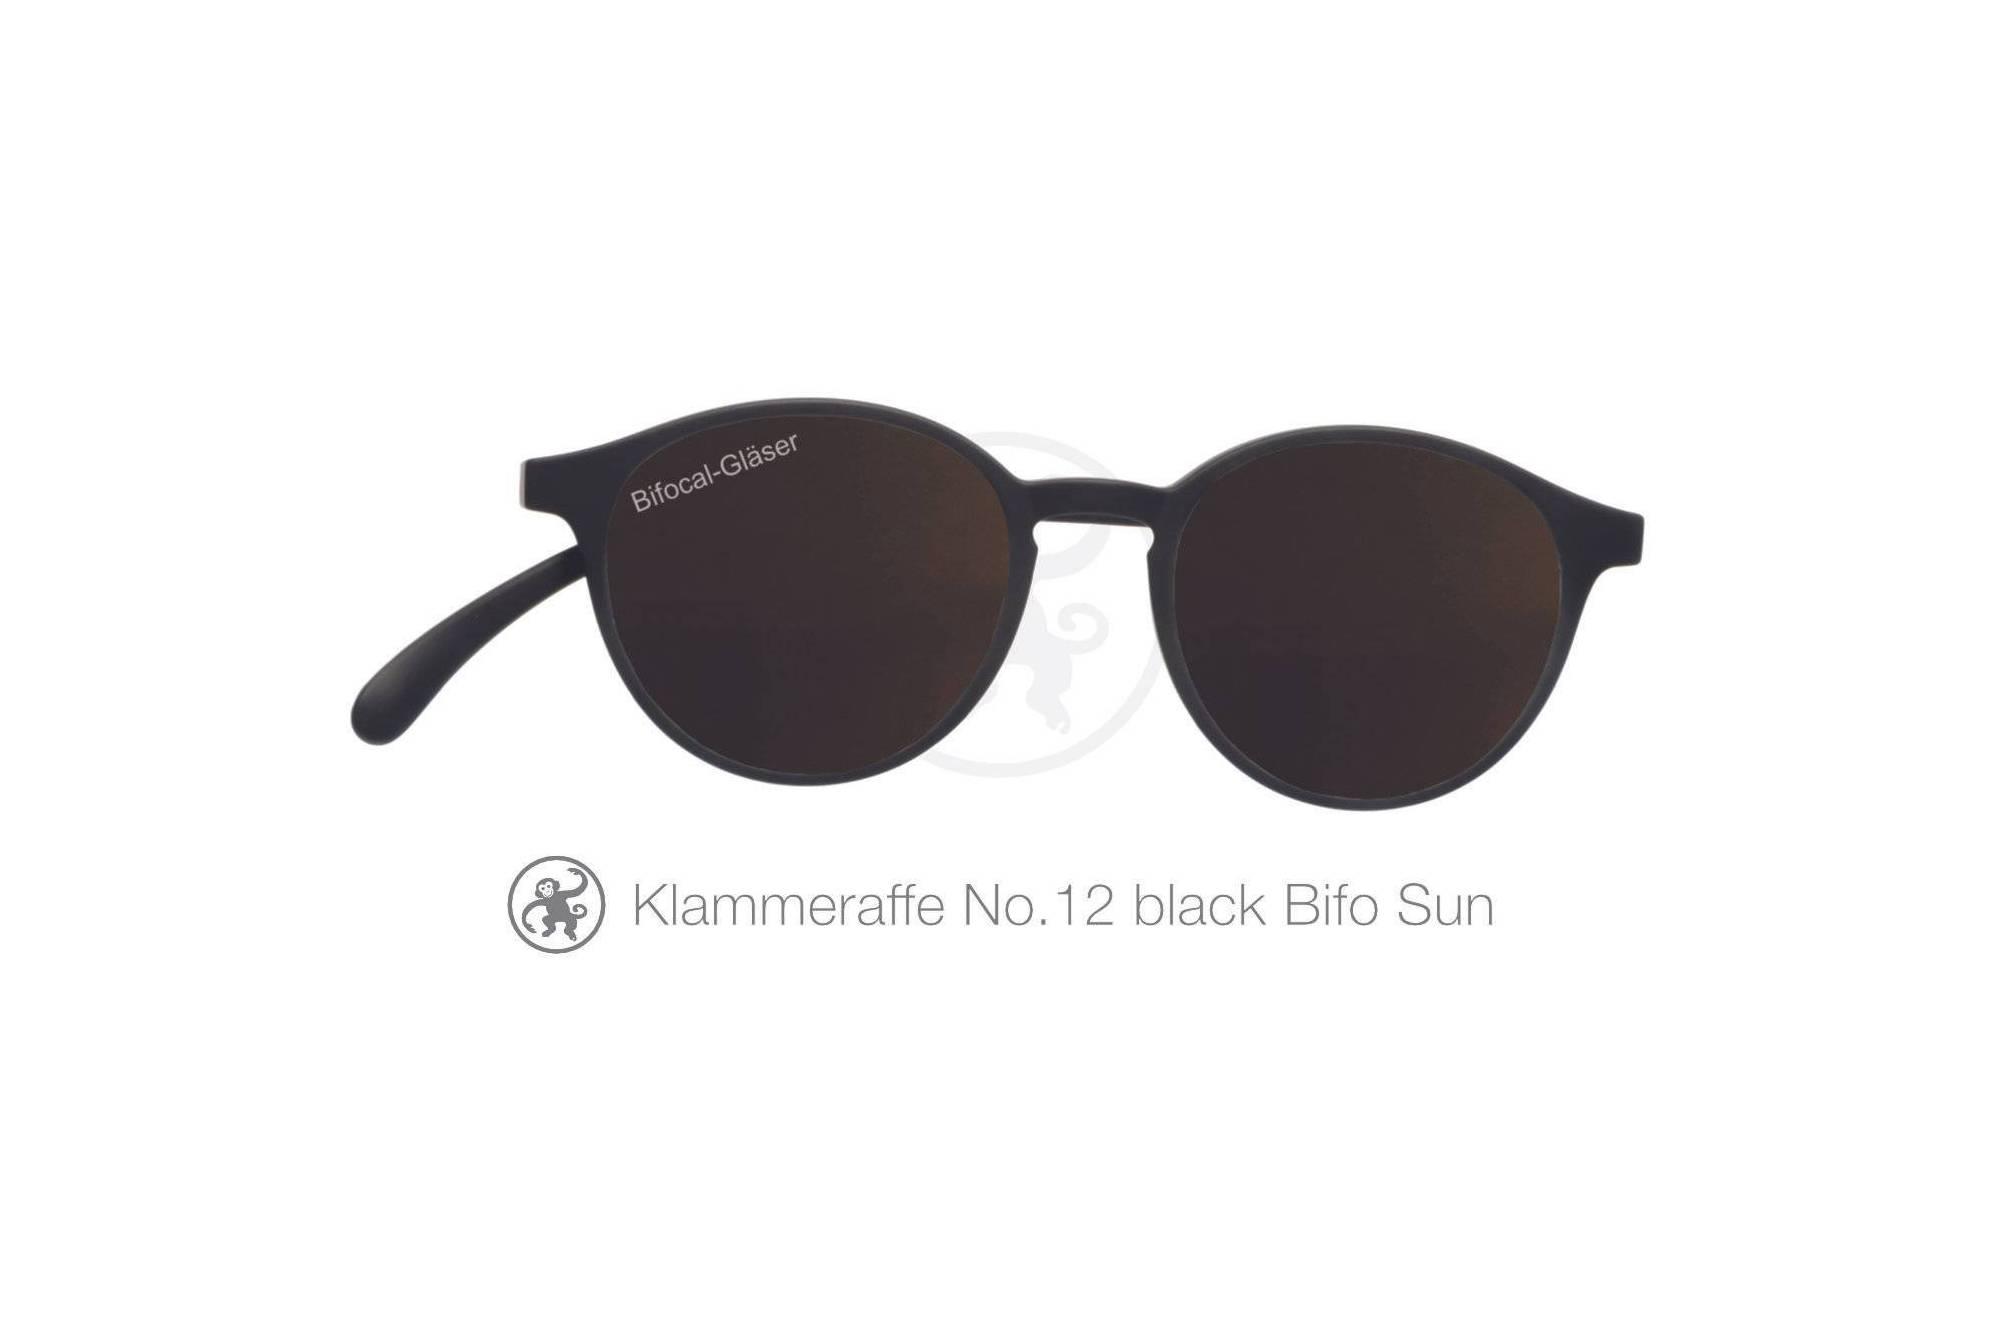 Klammeraffe Modell 12 bifokal, Farbe black